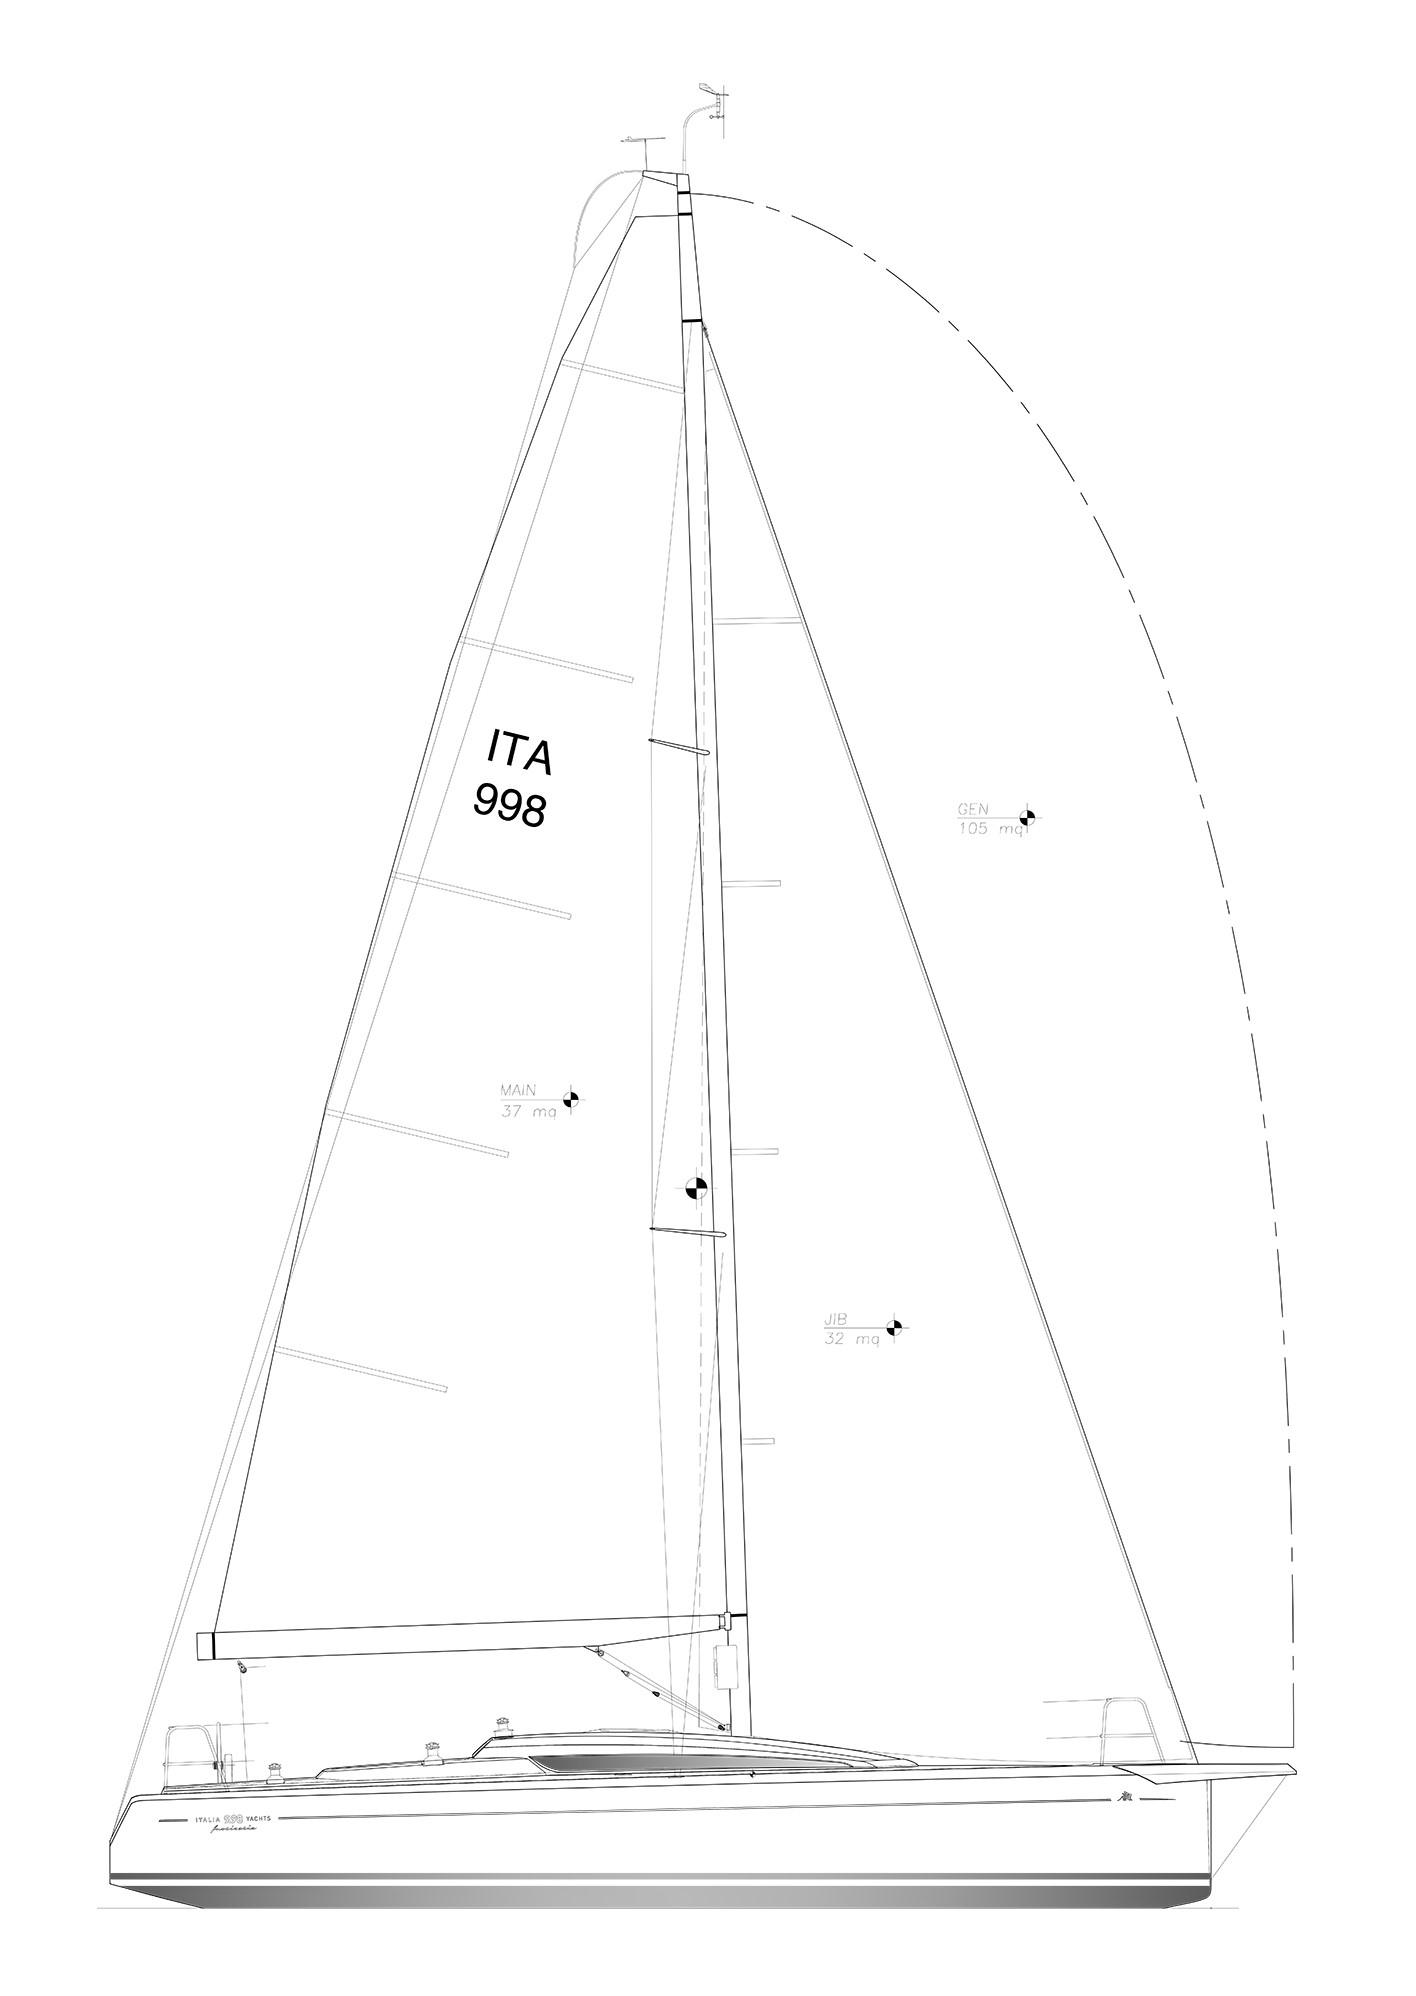 sailplan IY998 club